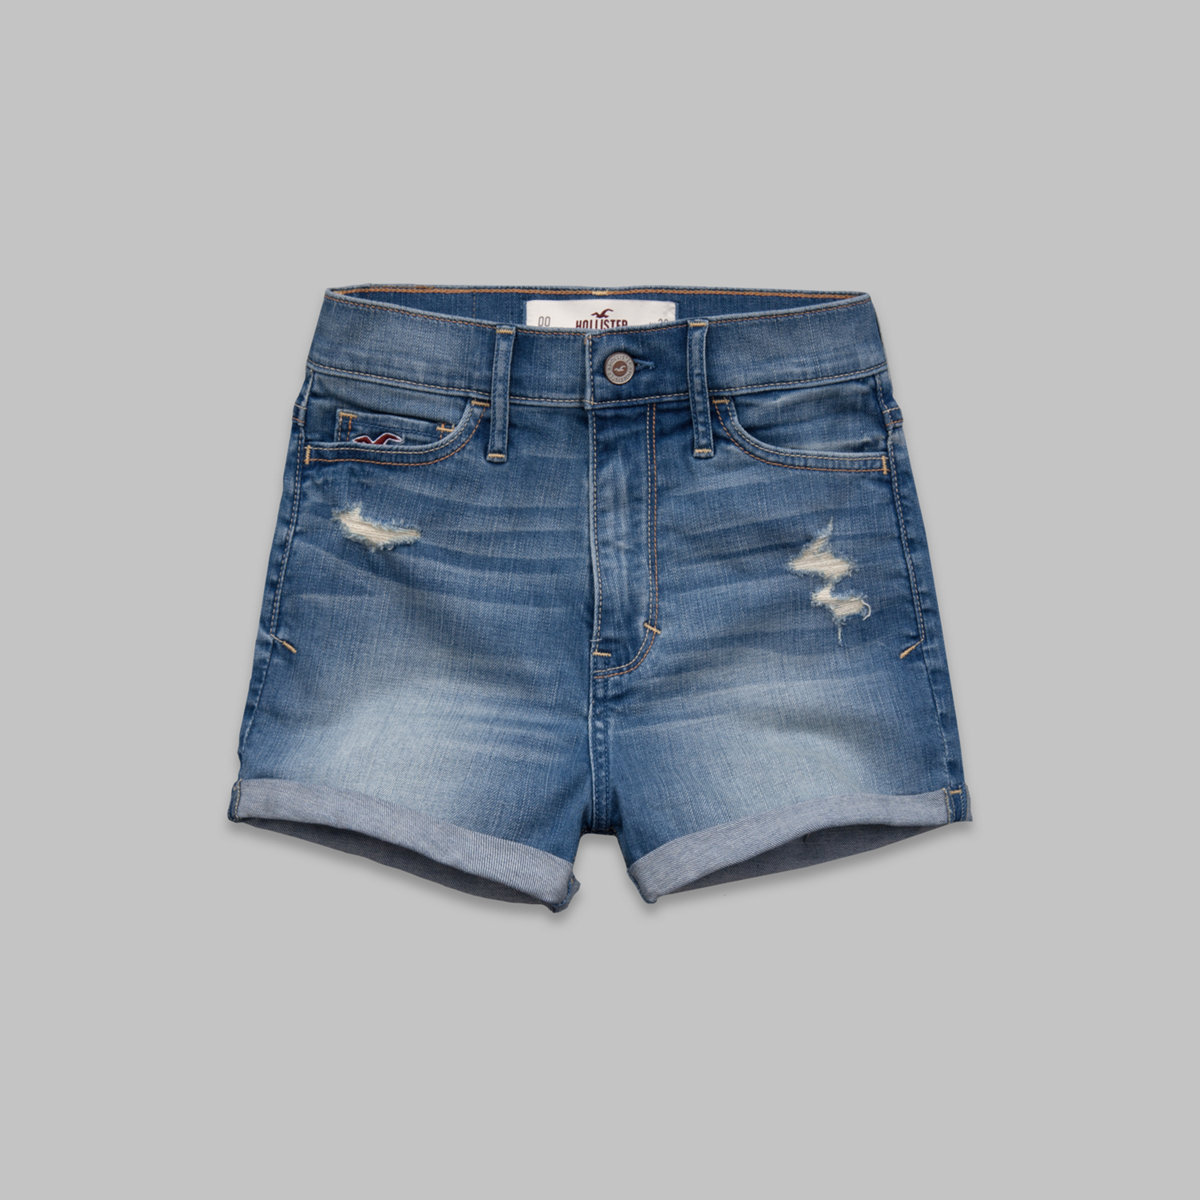 Hollister Natural Waist Short-Shorts